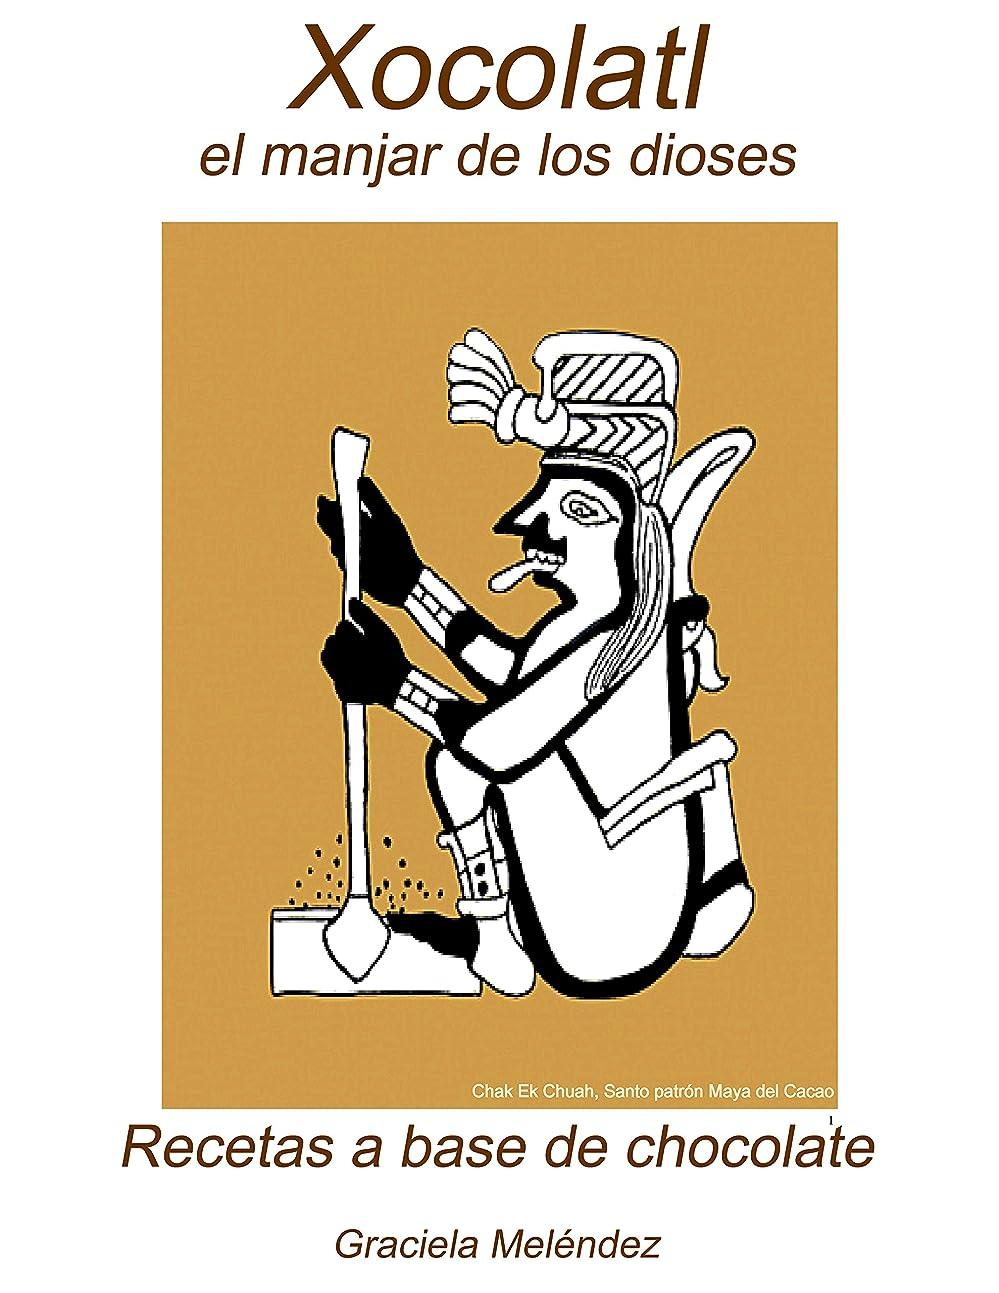 Xocolatl el manjar de los dioses: Recetas a base de chocolate (Spanish Edition)